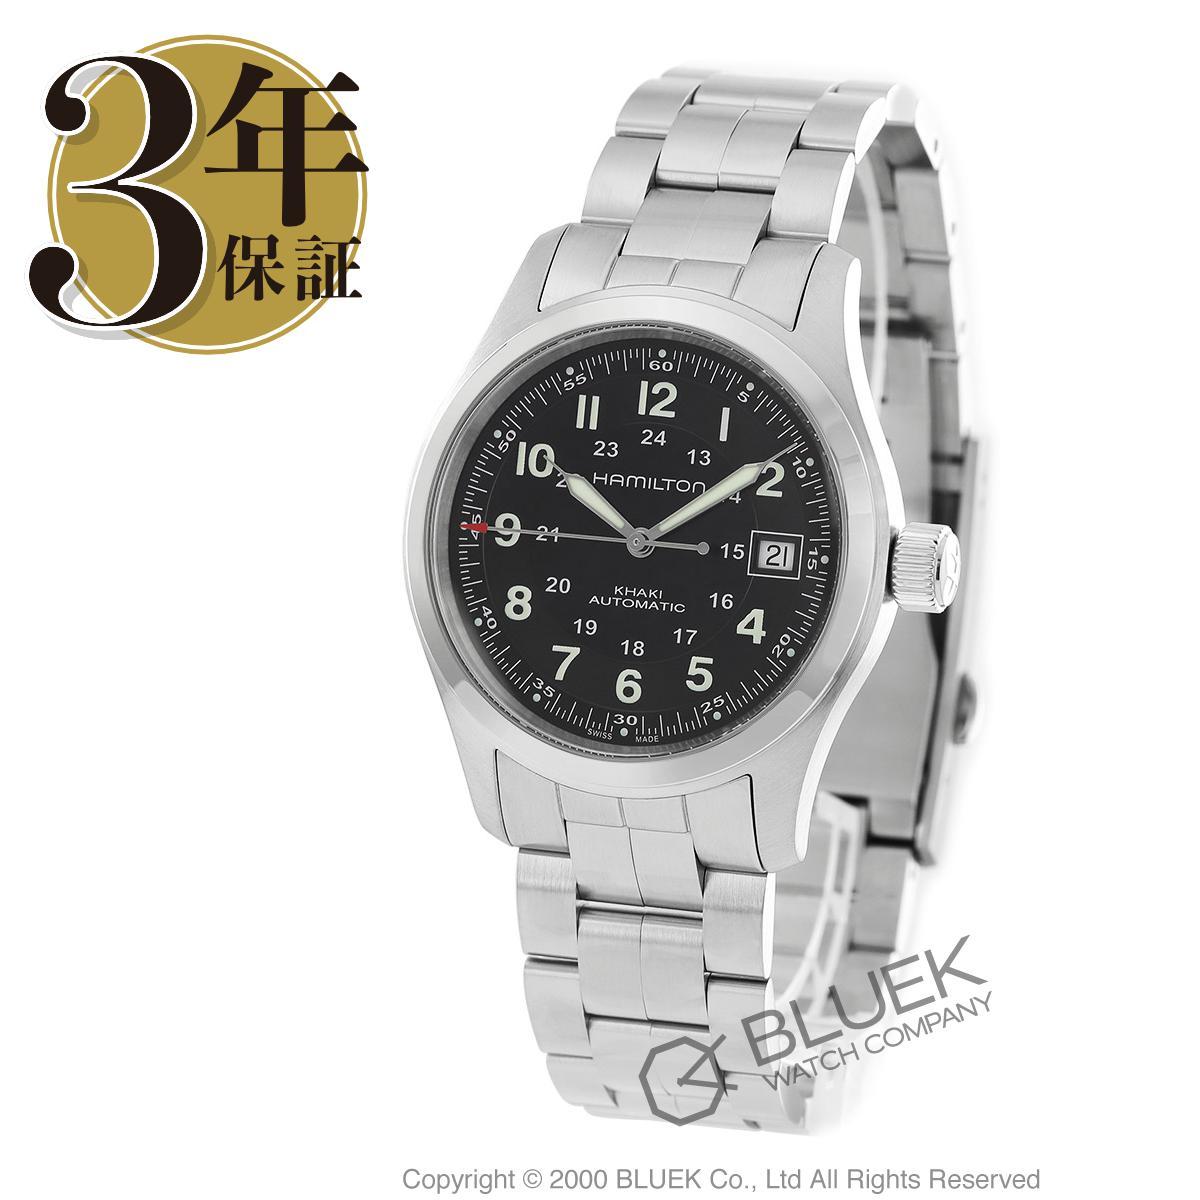 ハミルトン カーキ フィールド オート 腕時計 メンズ HAMILTON H70455133_8 バーゲン 成人祝い ギフト プレゼント